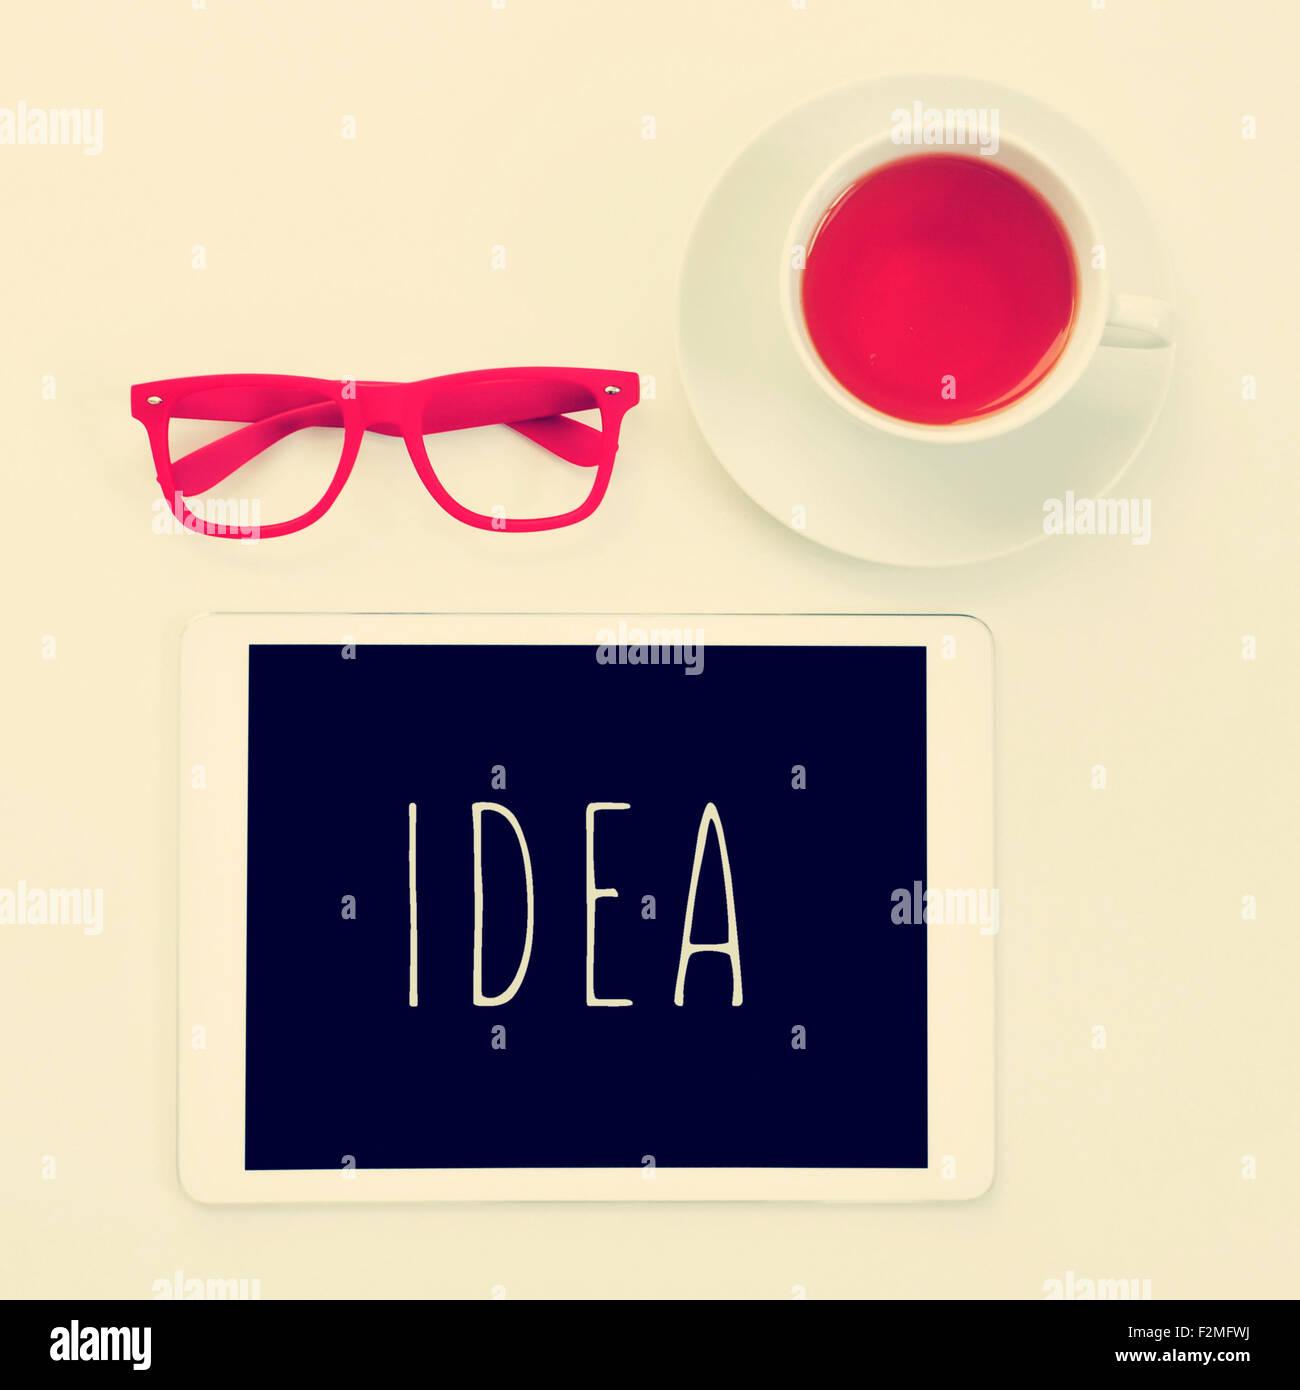 Disparo de alto ángulo de una tabla con un par de lentes de montura de plástico rojo, una taza de té Imagen De Stock